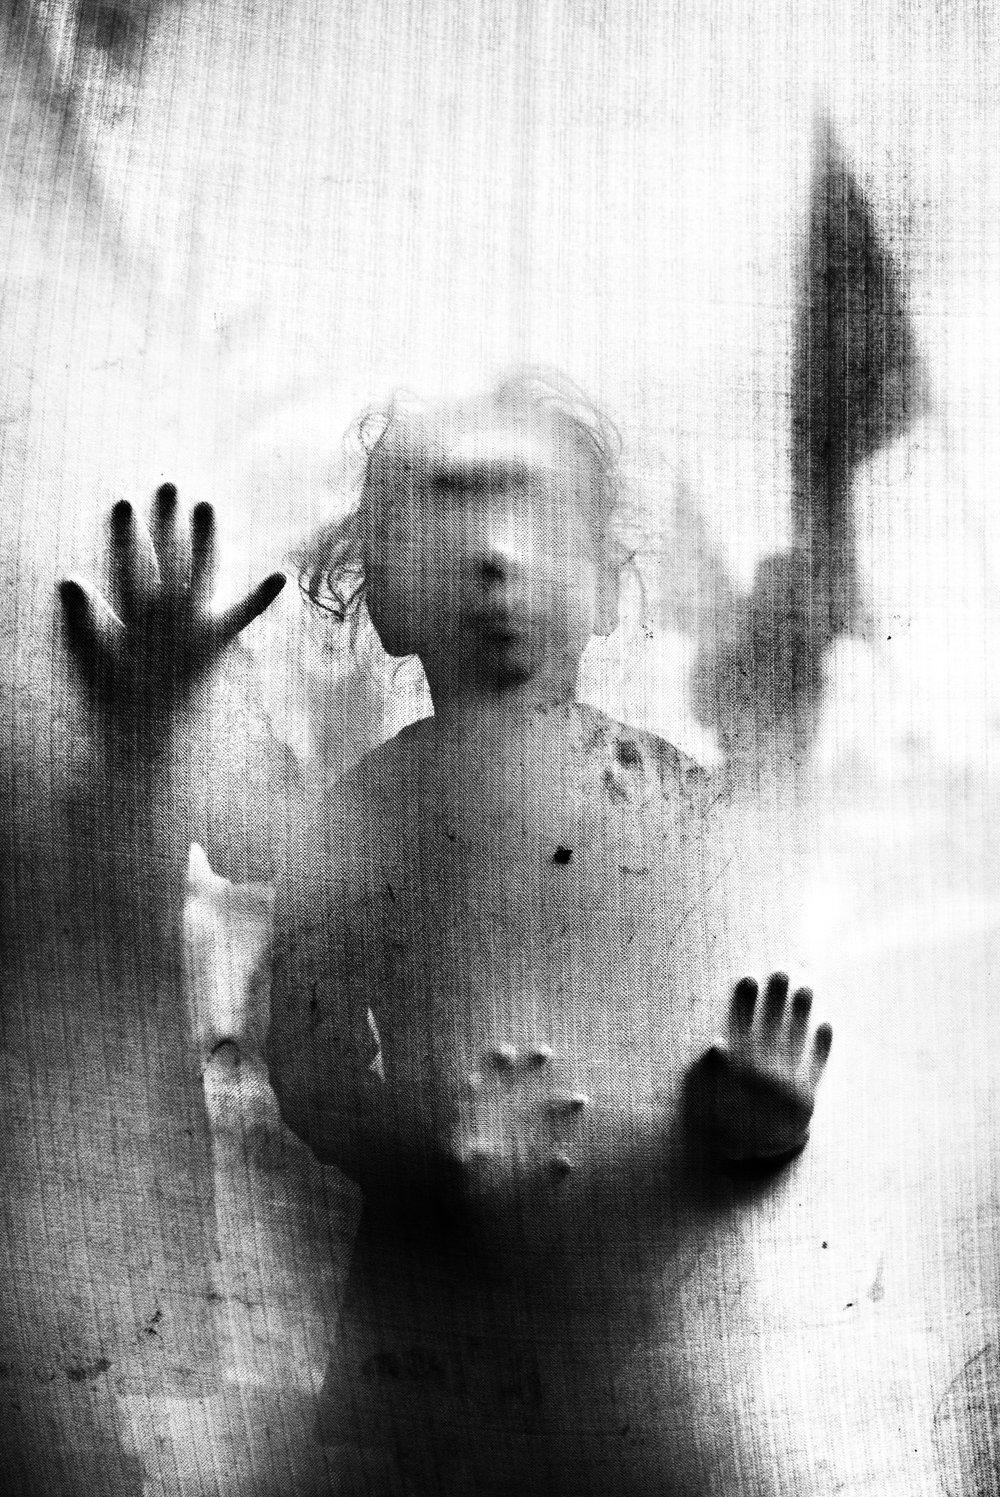 © Emily Garthwaite